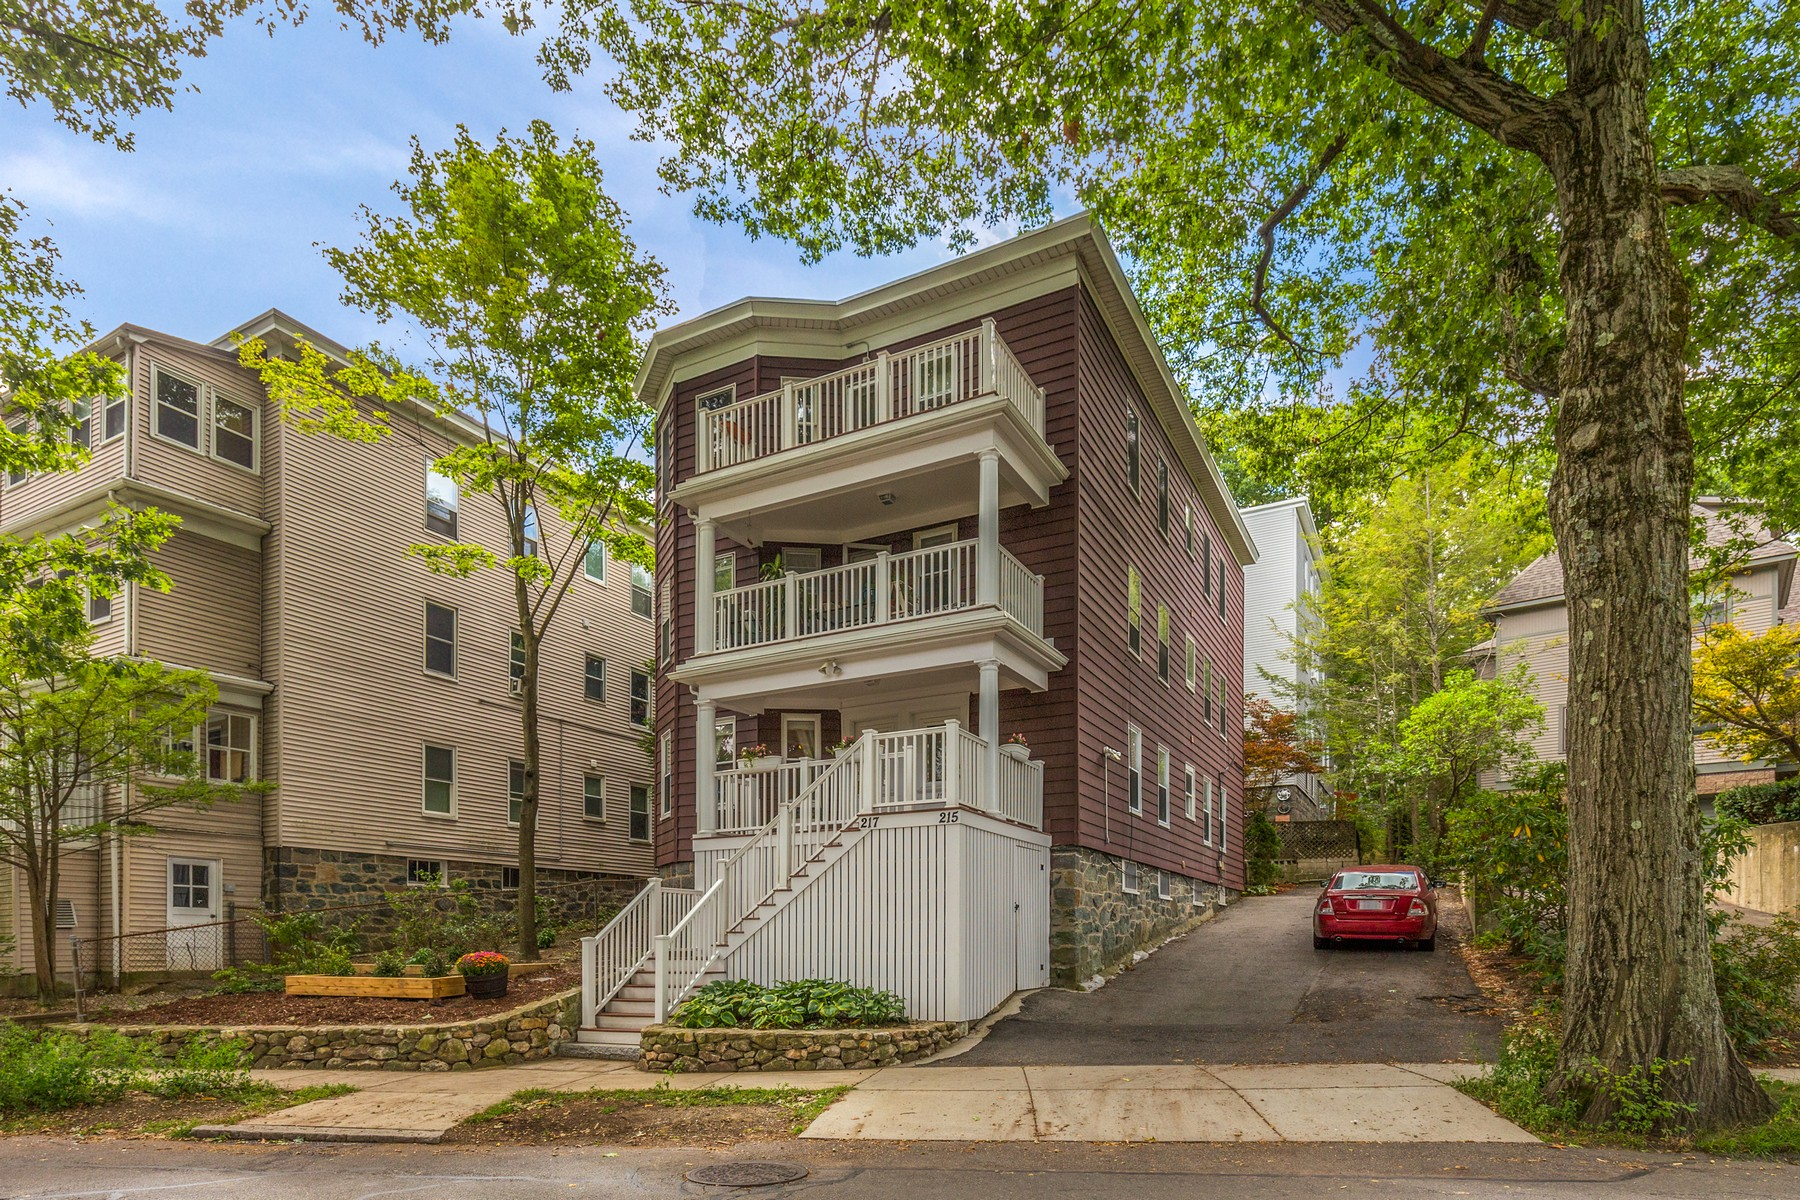 Кондоминиум для того Продажа на Well Maintained Condominium - Chestnut Hill Neighborhood 215 Crafts Road - Unit 1 Brookline, Массачусетс, 02467 Соединенные Штаты